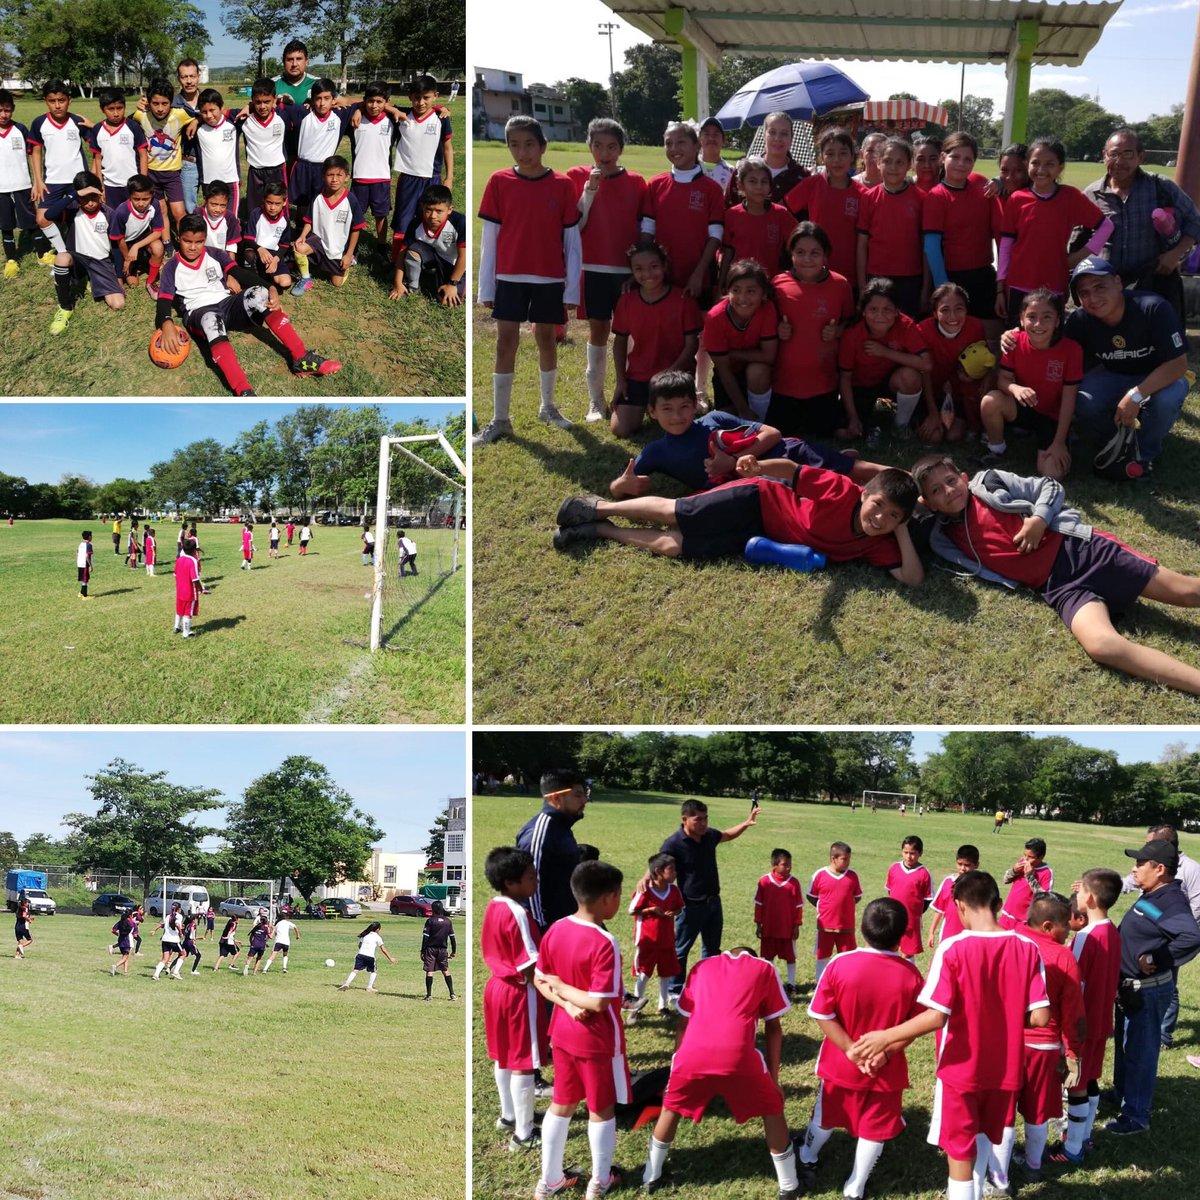 Hoy en la Unidad Depotiva de Huejutla se llevó a cabo la final de fútbol en la Etapa zona  escolar dentro del marco de los Juegos Deportivos Nacionales Escolares de la #EducaciónBásica #EducaciónFísica #CrezcoEnHidalgo @SEPHidalgo